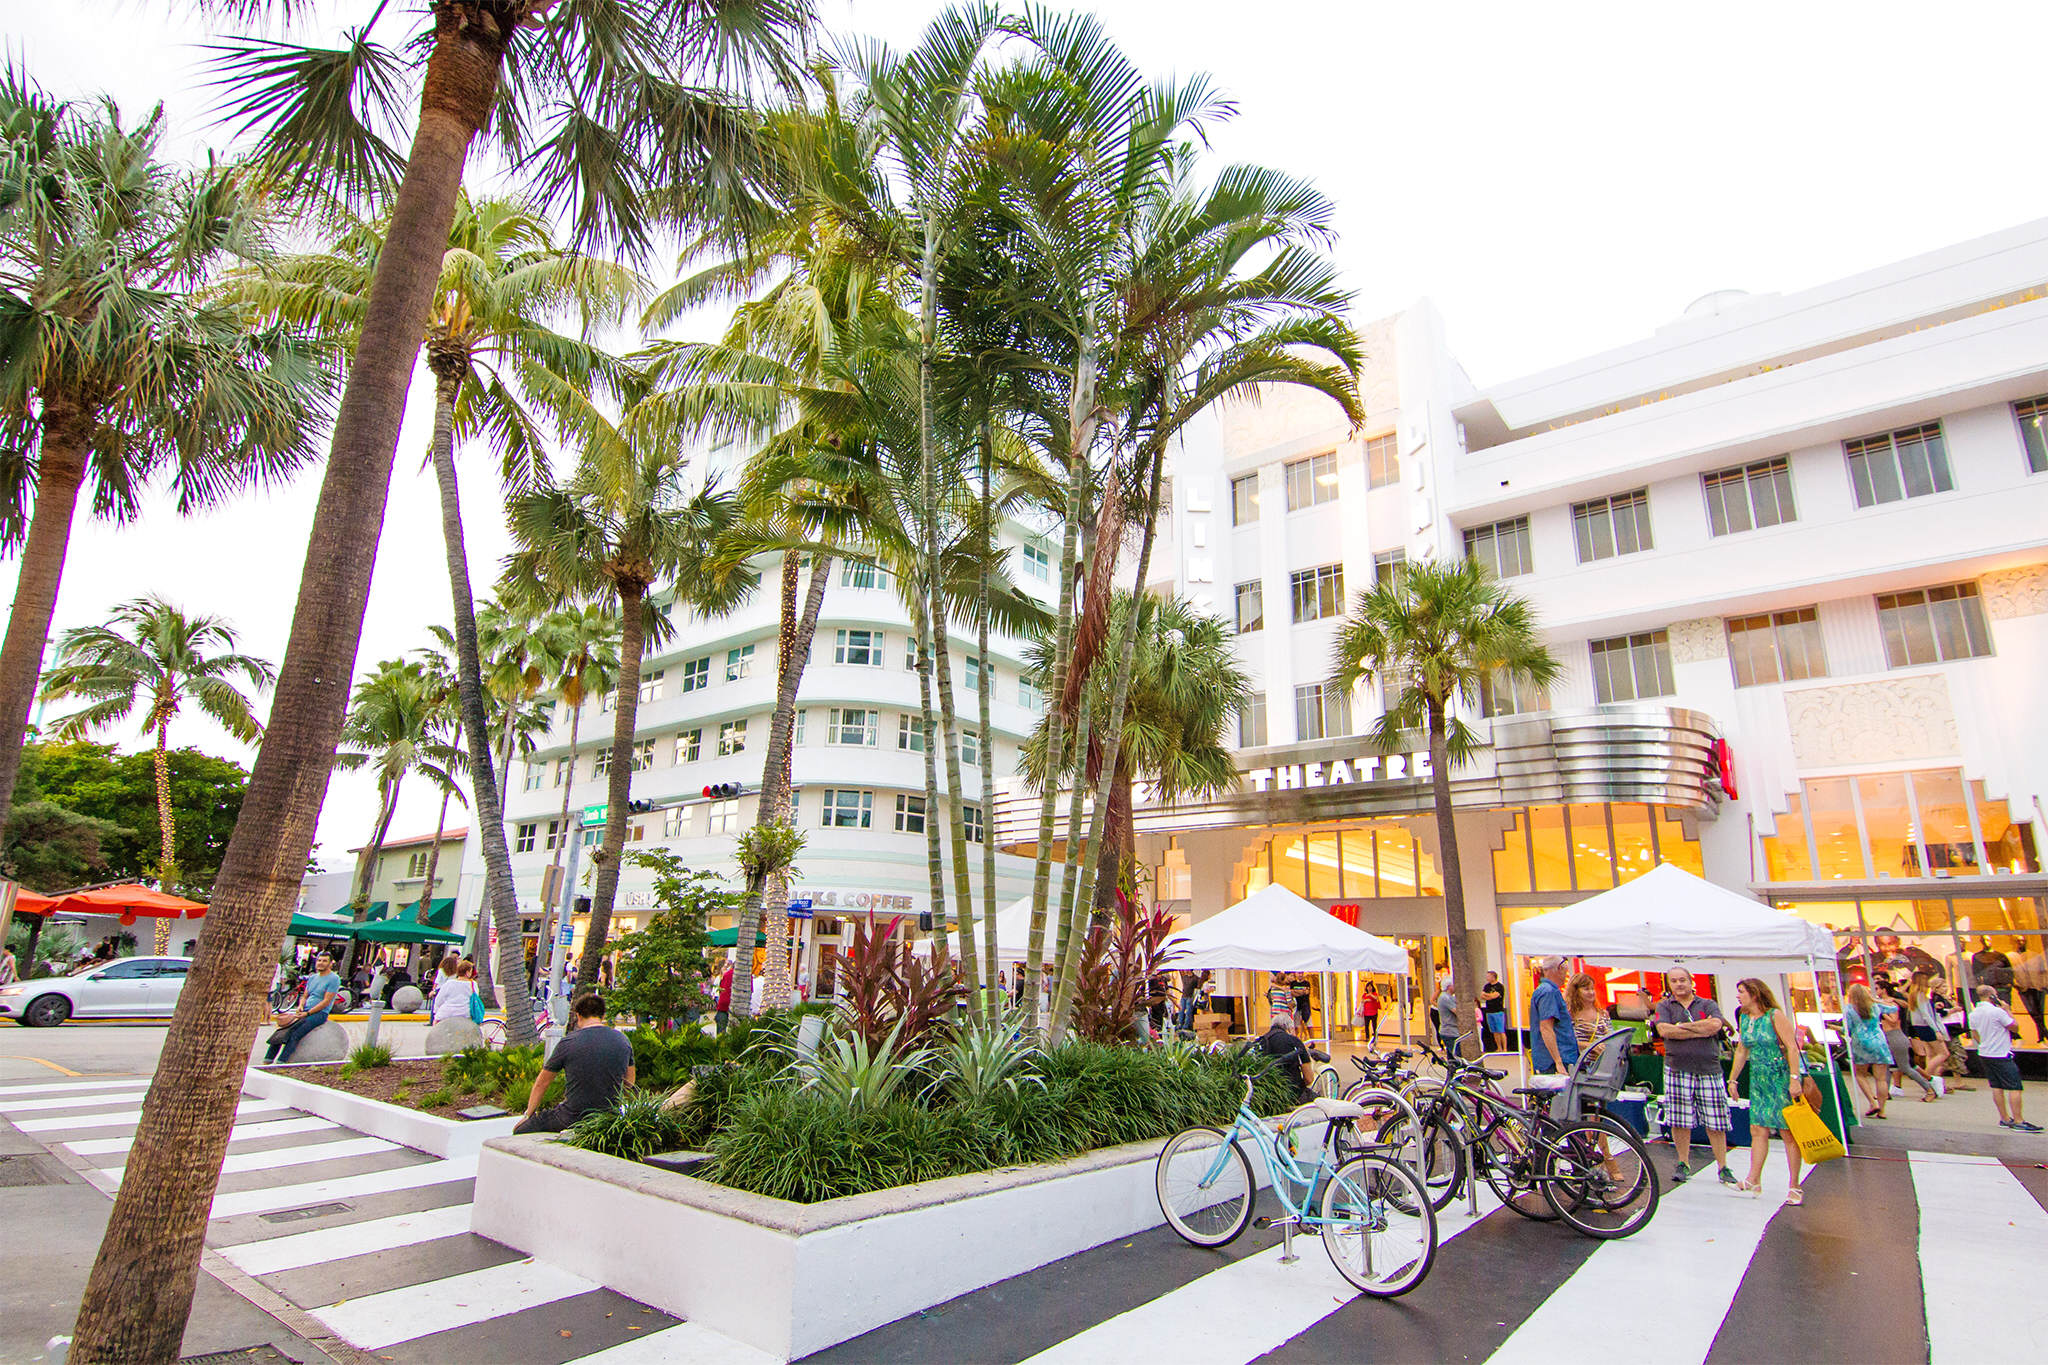 Roteiro de 3 dias em Miami 10 dicas Viaje Global